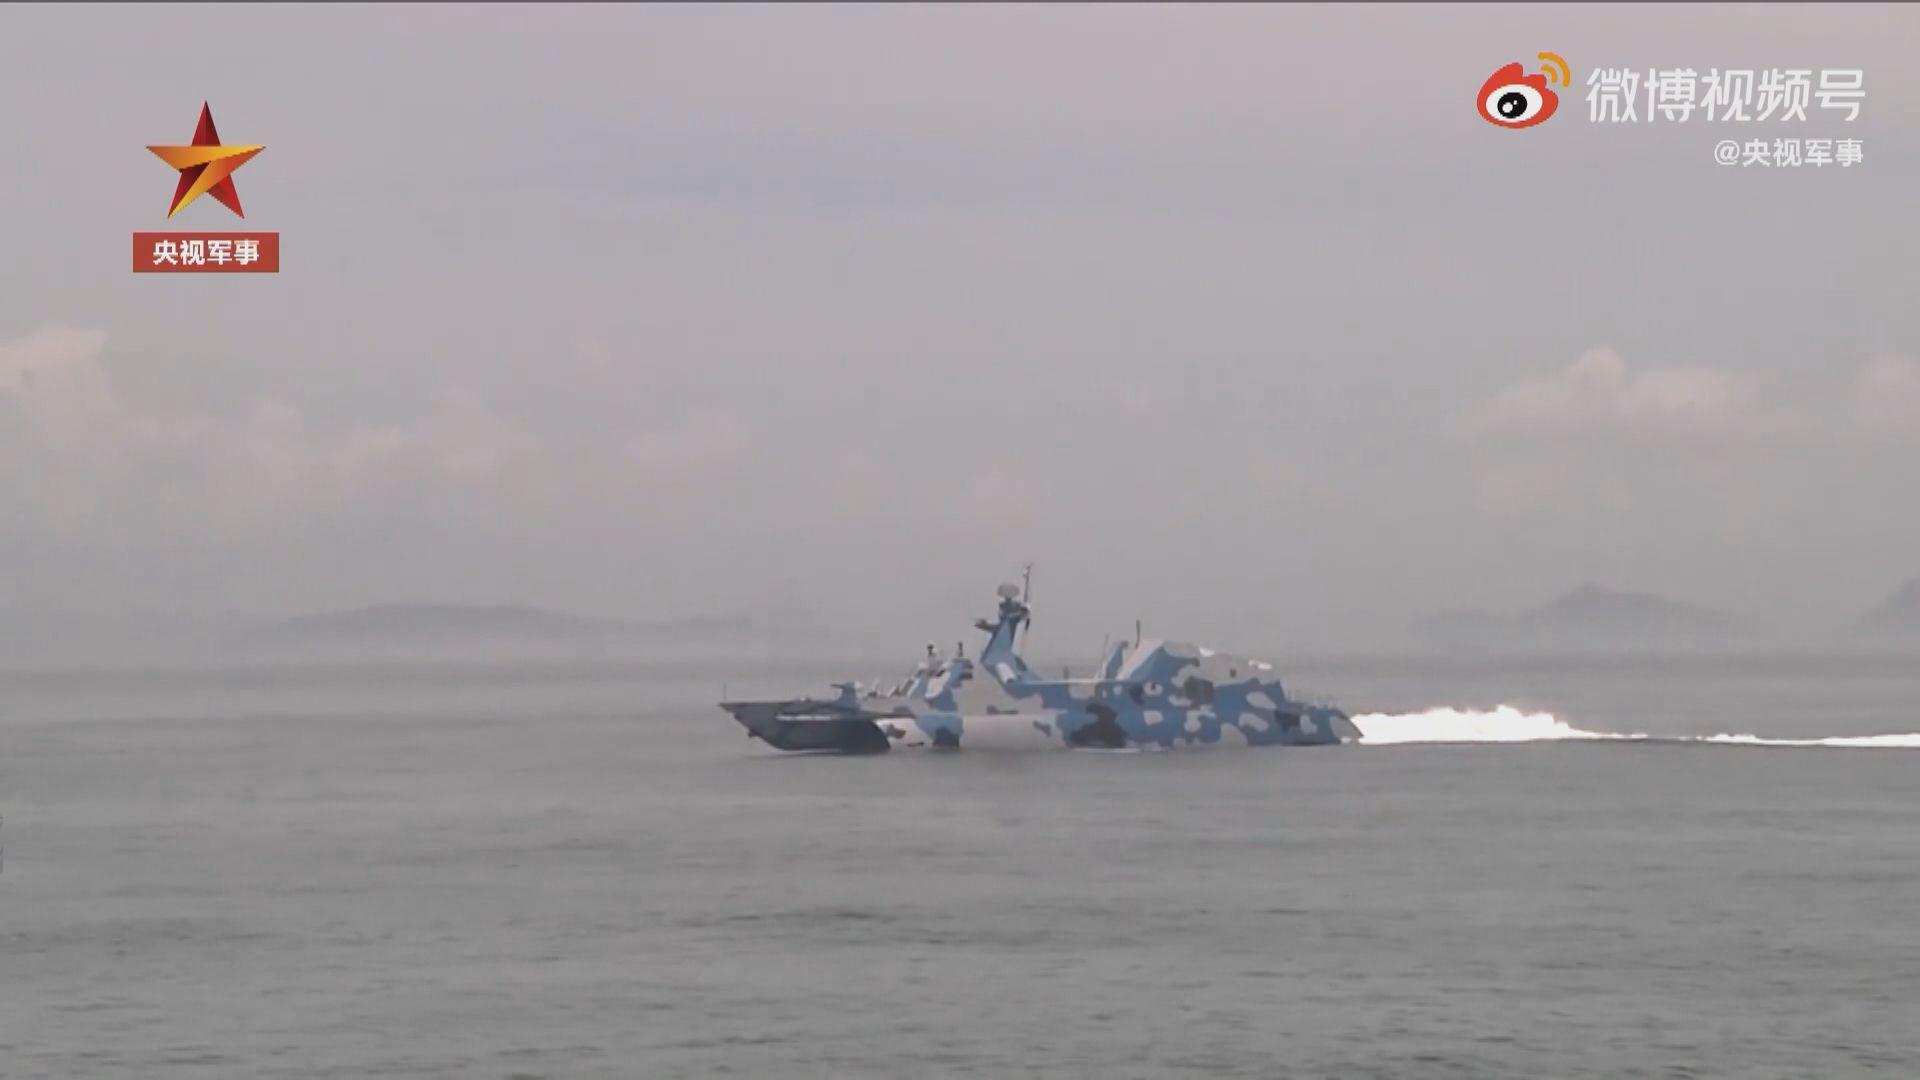 解放軍在台灣周邊海空域演習 台灣當局稱做好因應的準備